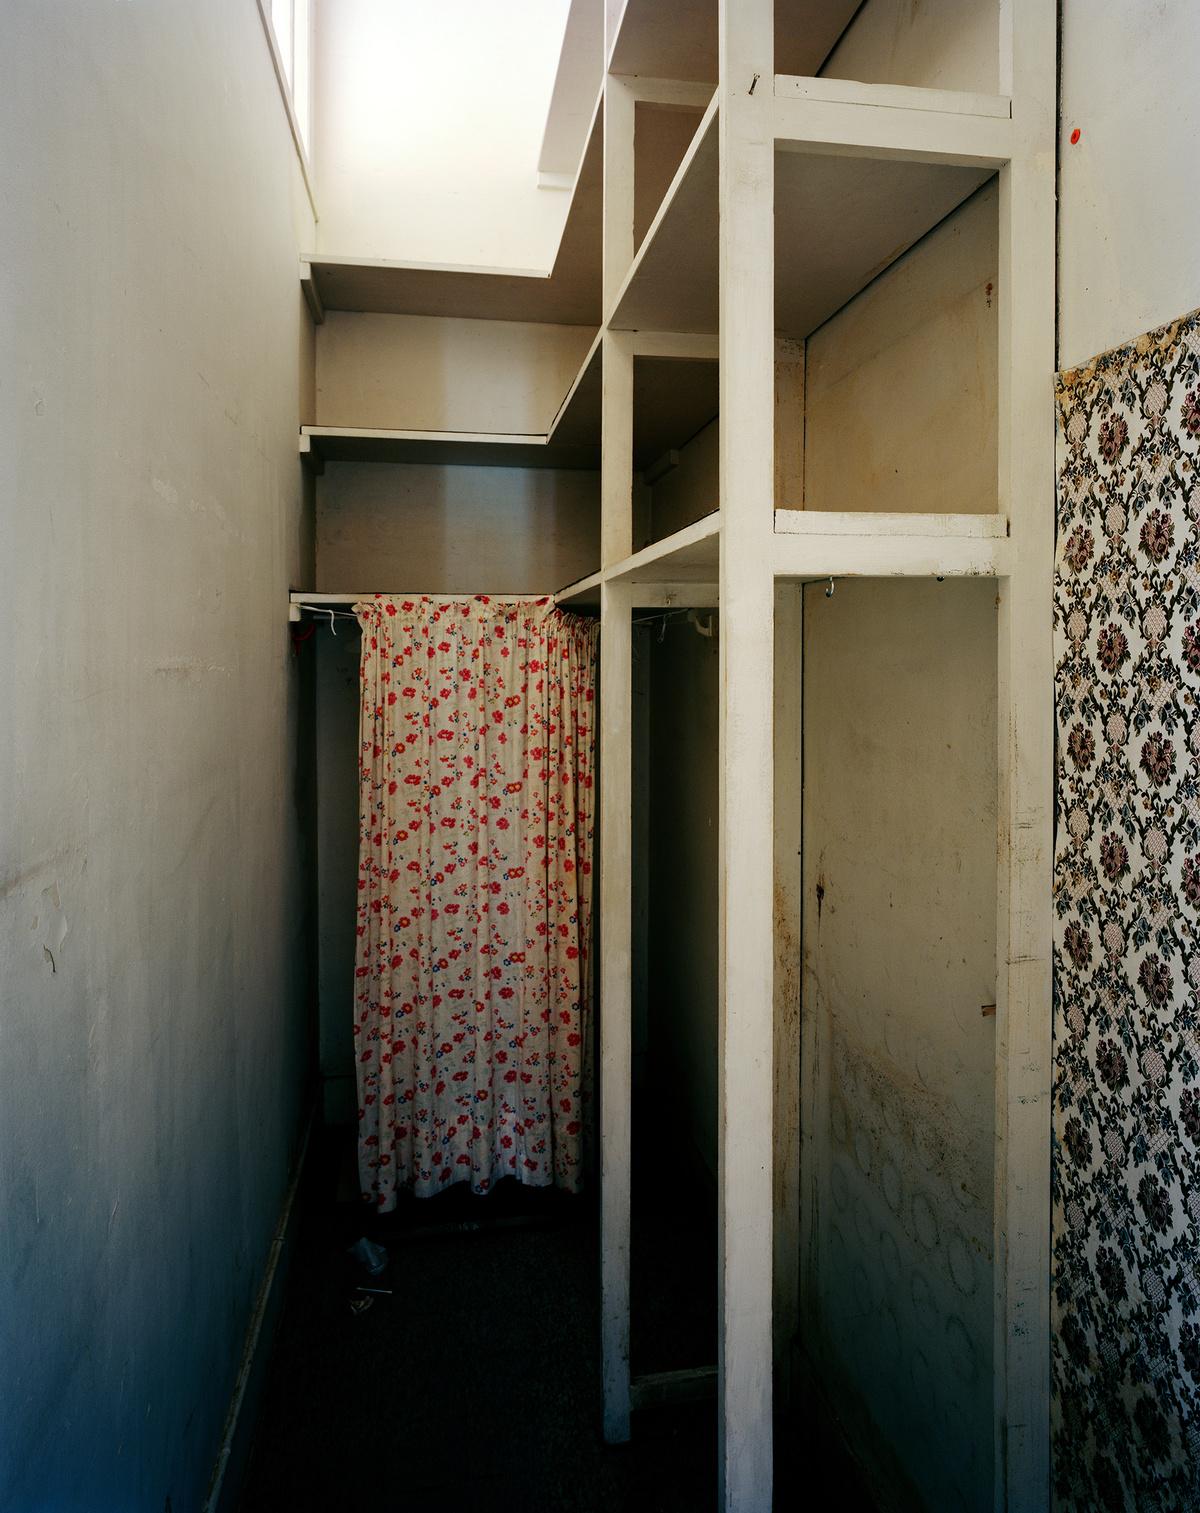 Aile gauche, Appartement n° 24, mardi 25 septembre 2012 (image)